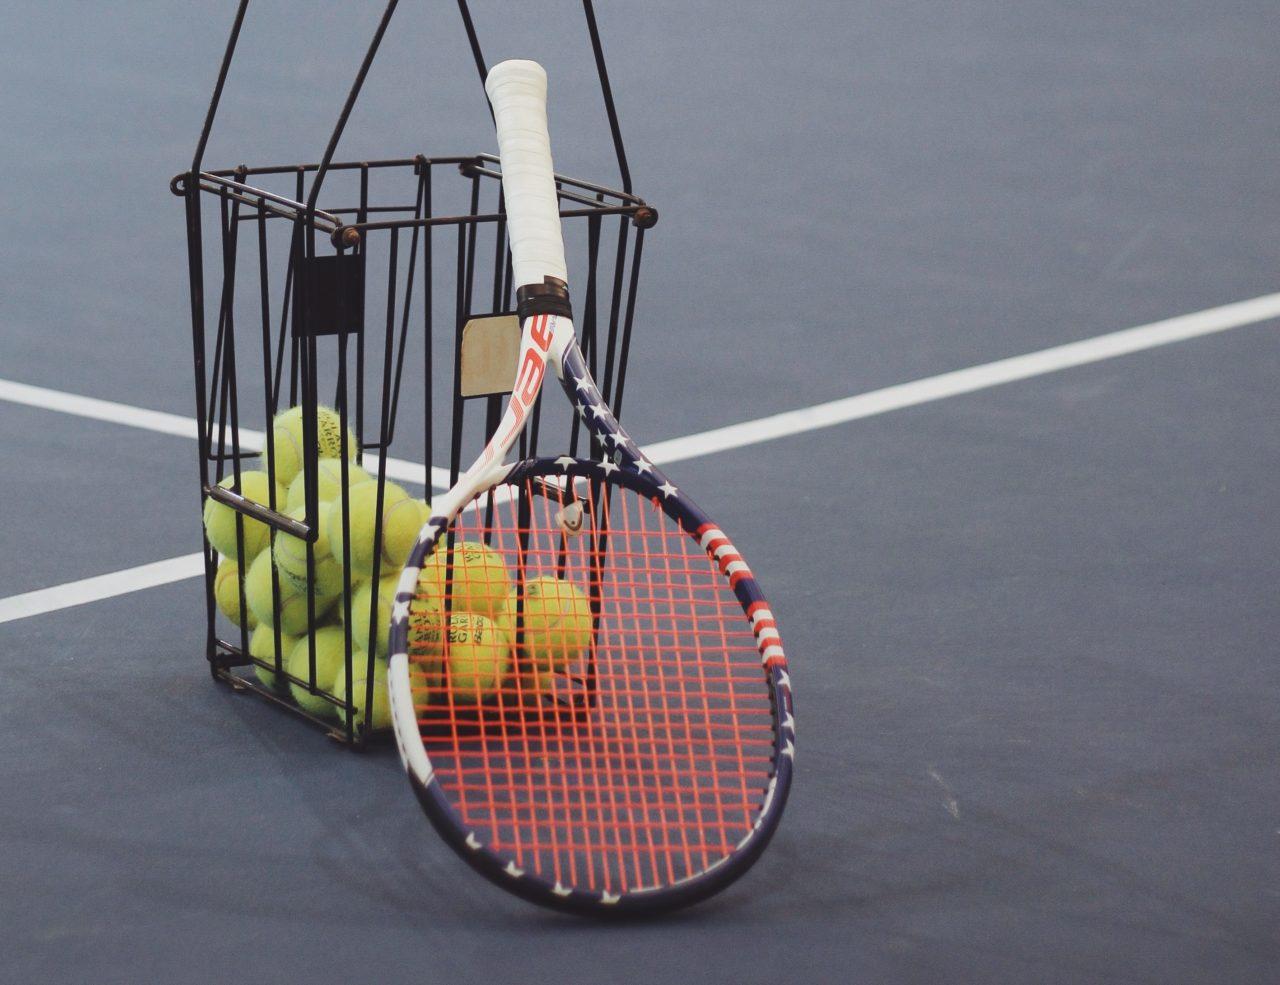 tennis-ttk-morgondrivar-1280x985.jpg